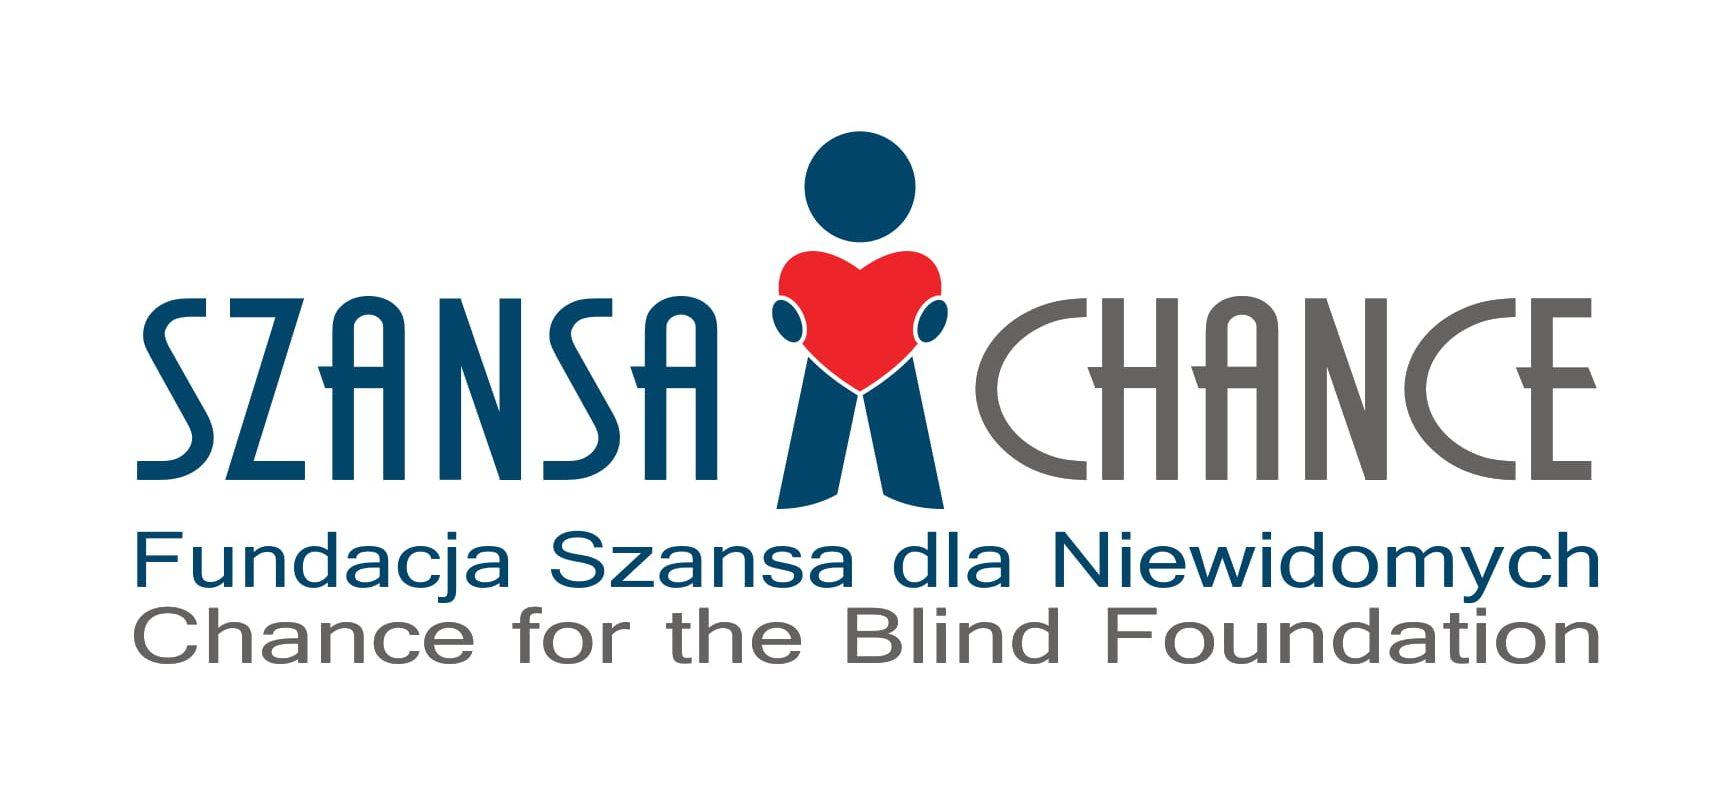 Fundacja Szansa dla Niewidomych